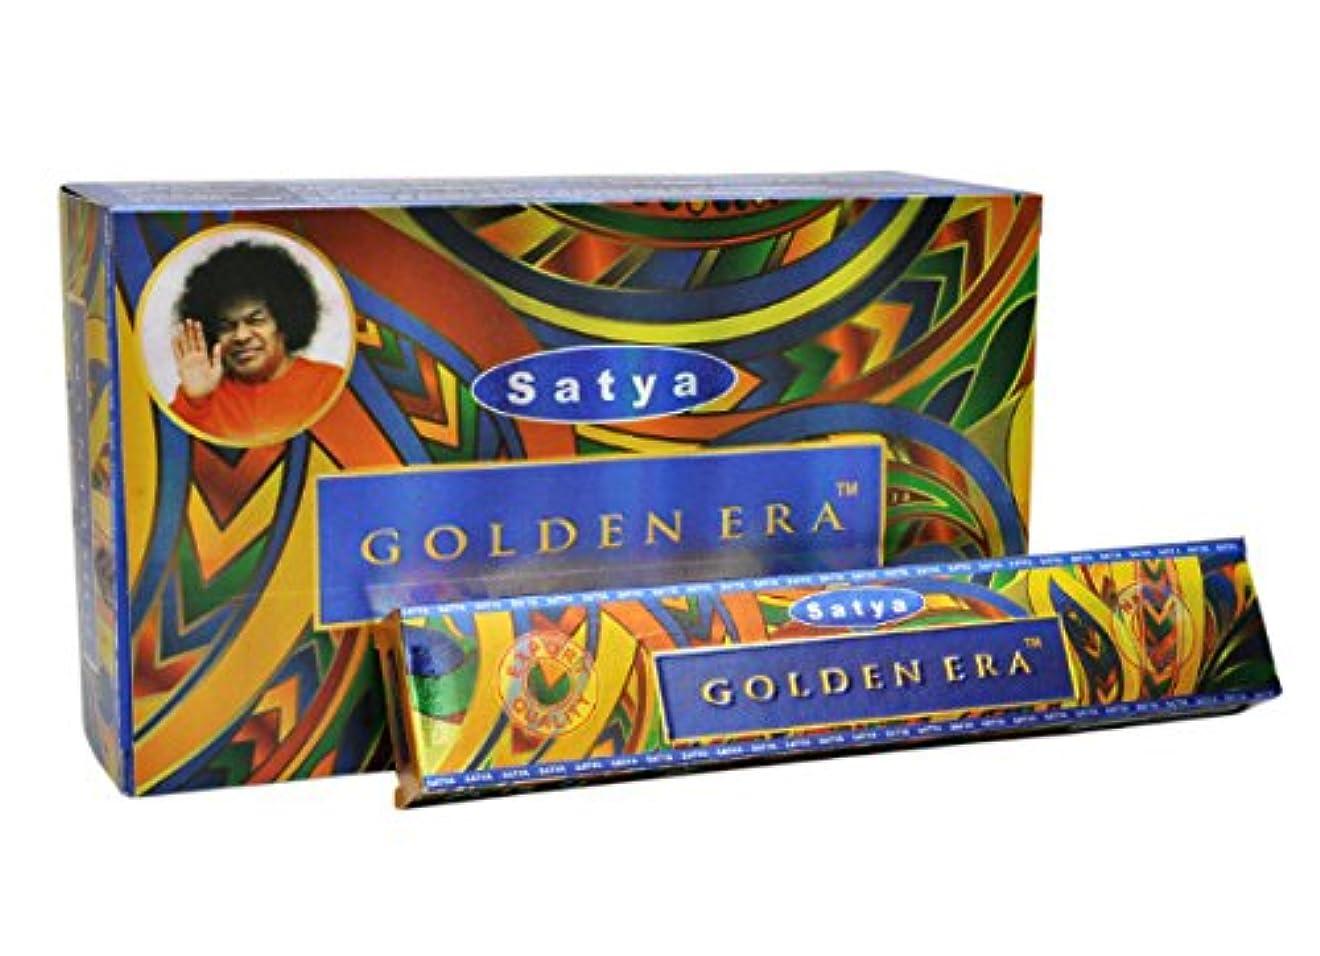 偽善不名誉なふりをするSatya Golden Era お香スティック 180gフルボックス